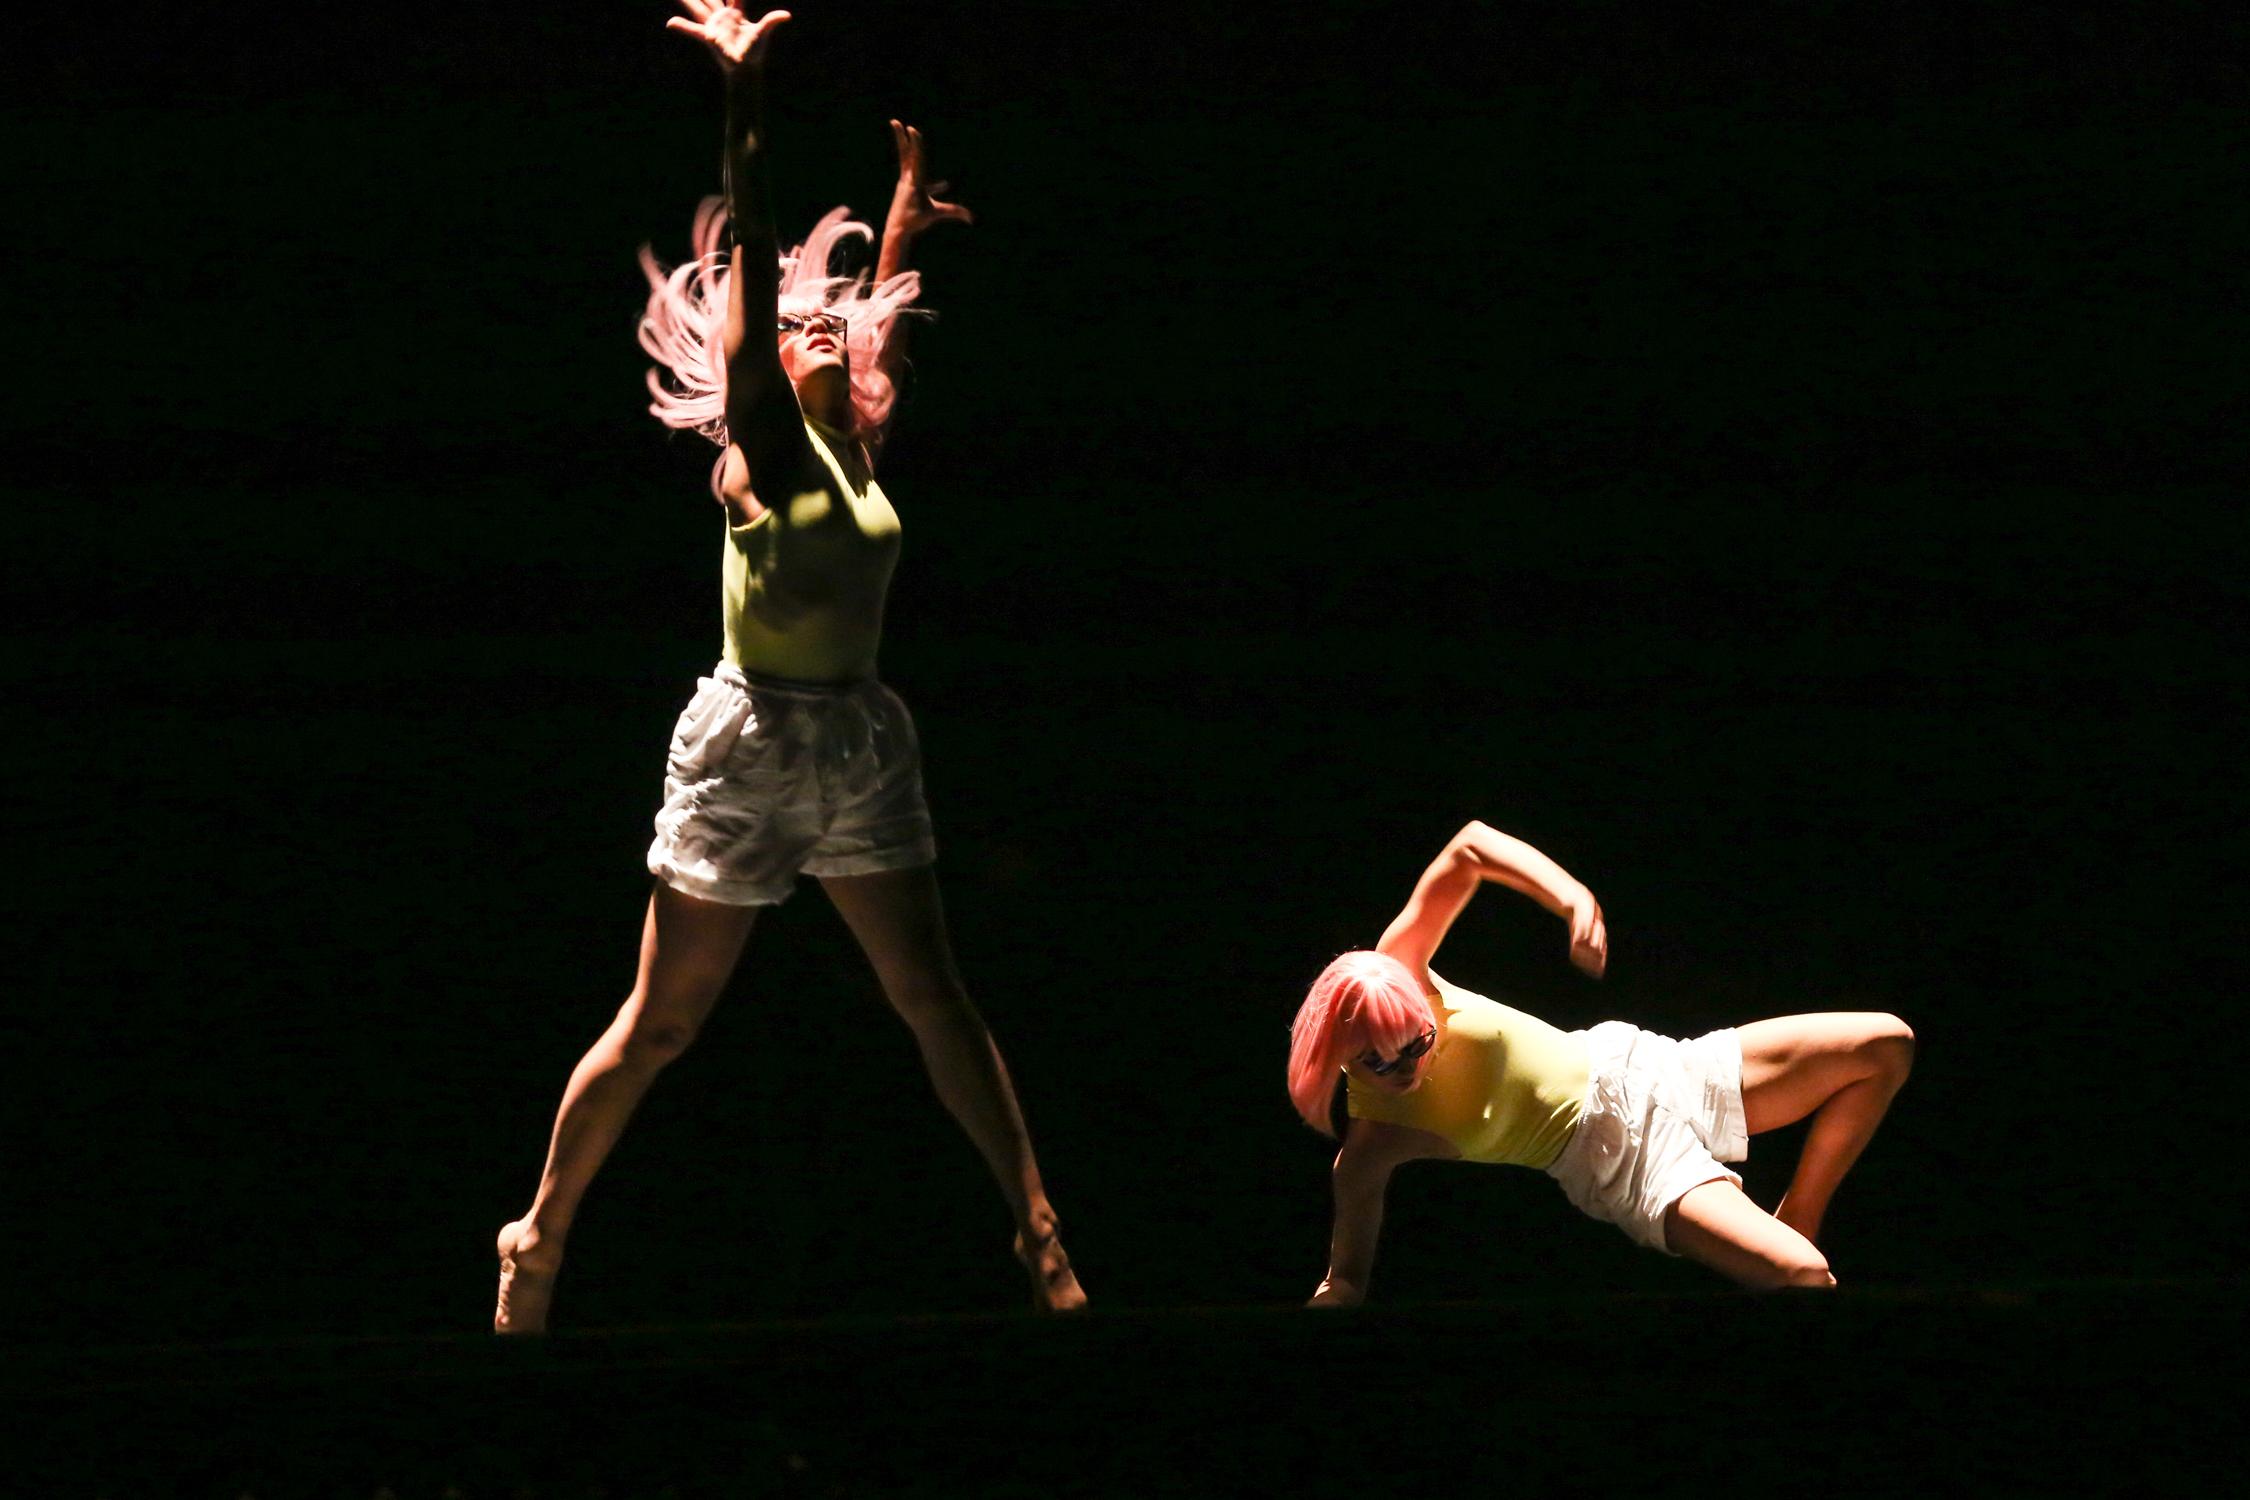 pc: Peter Richter / Your Move Dance Festival